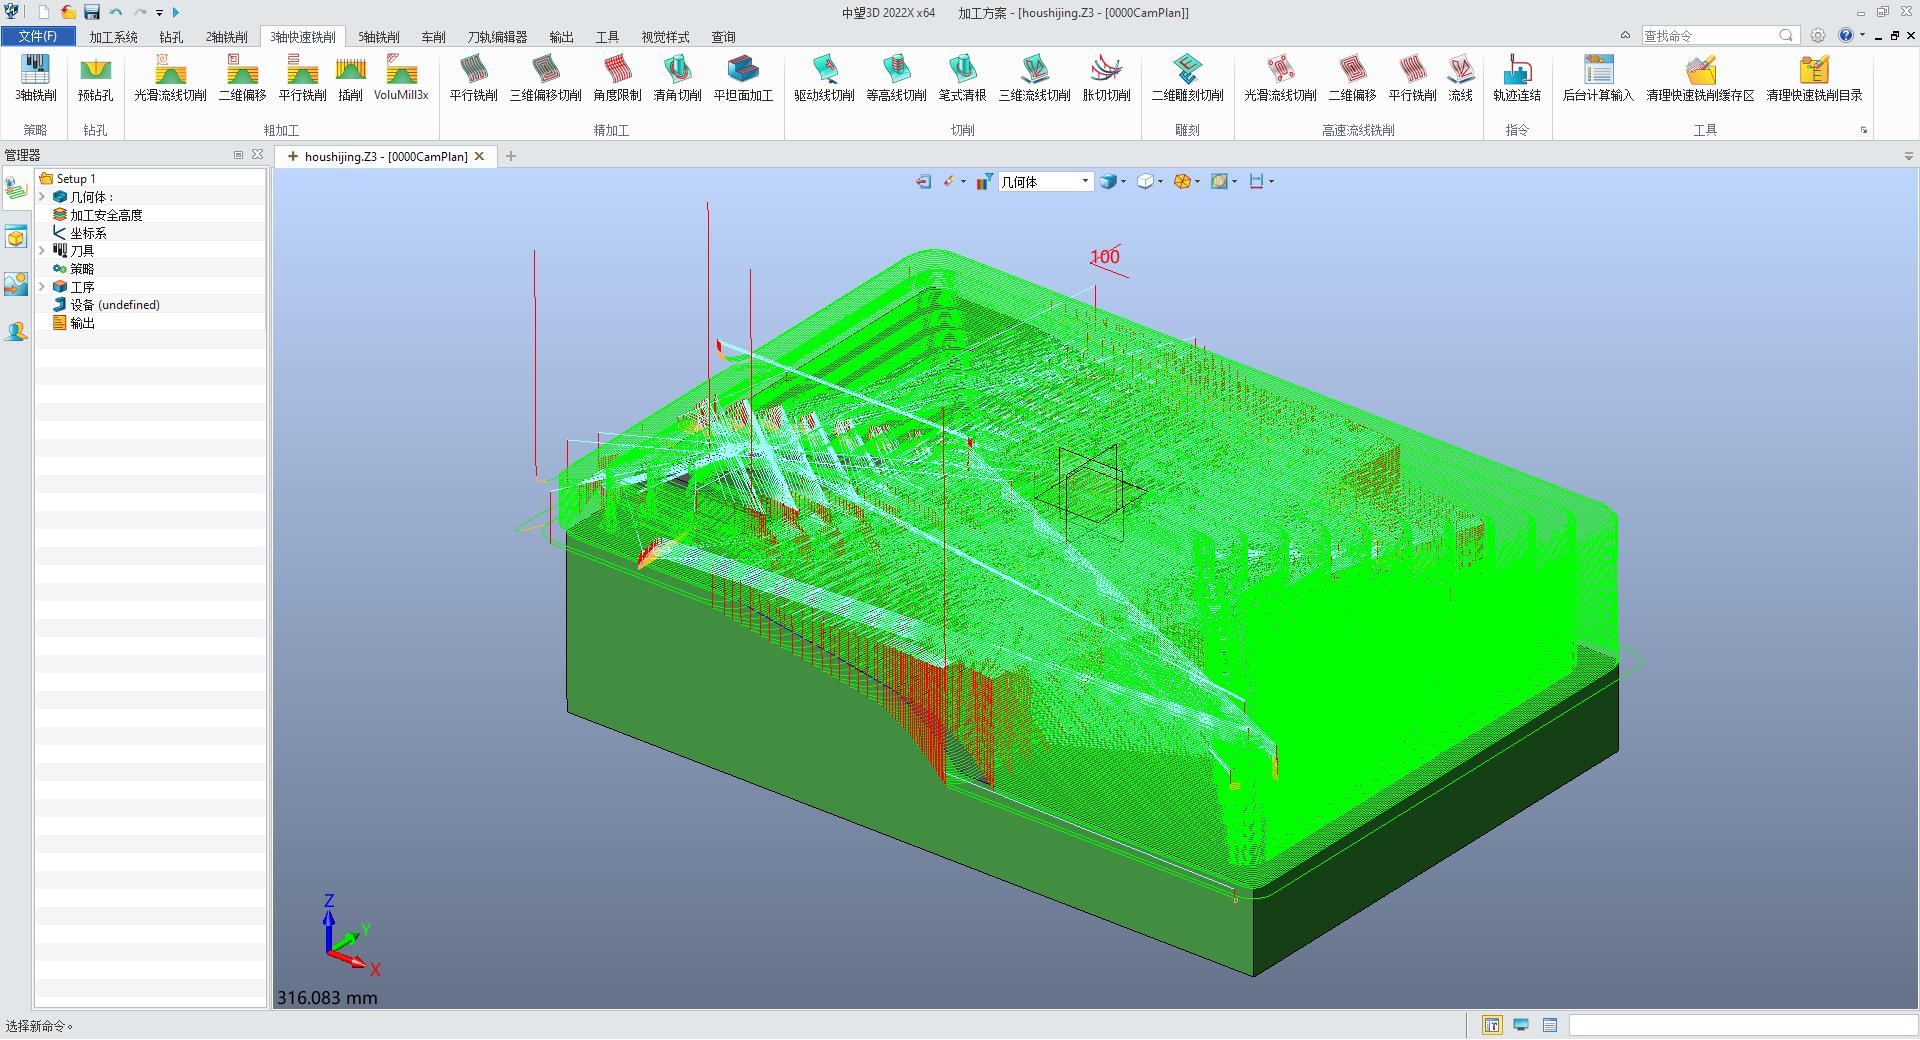 中望3D首次增发年度升级版本,深度满足制造企业应用需求和技术要求